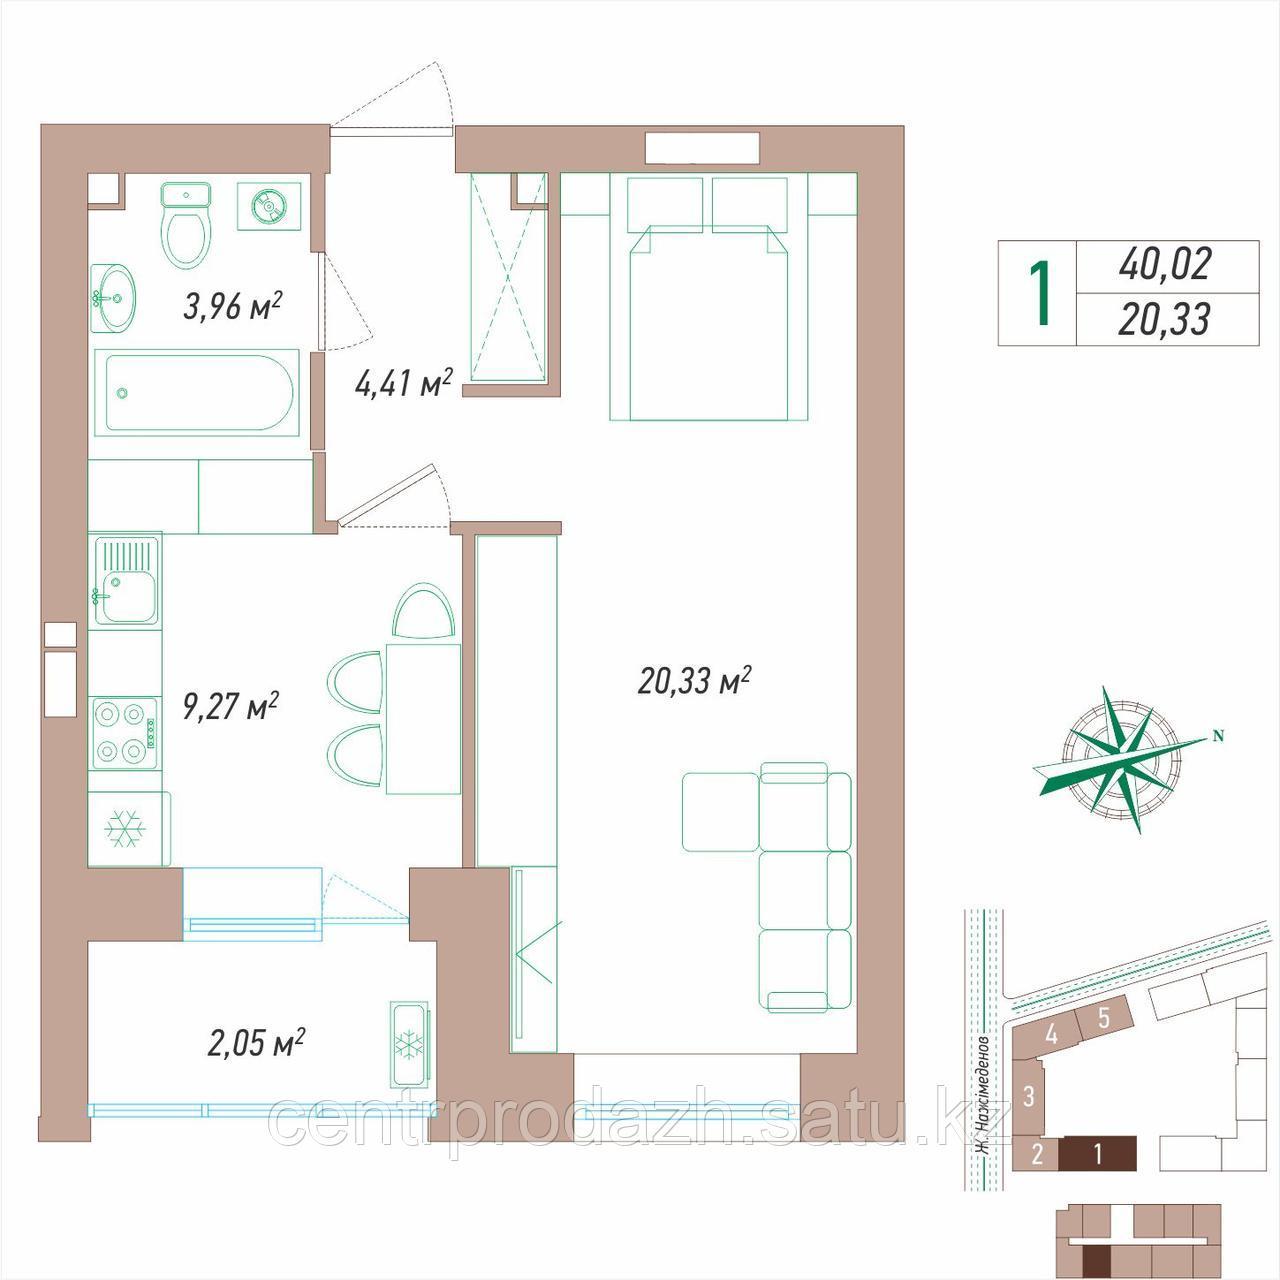 1 комнатная квартира 40.02 м²